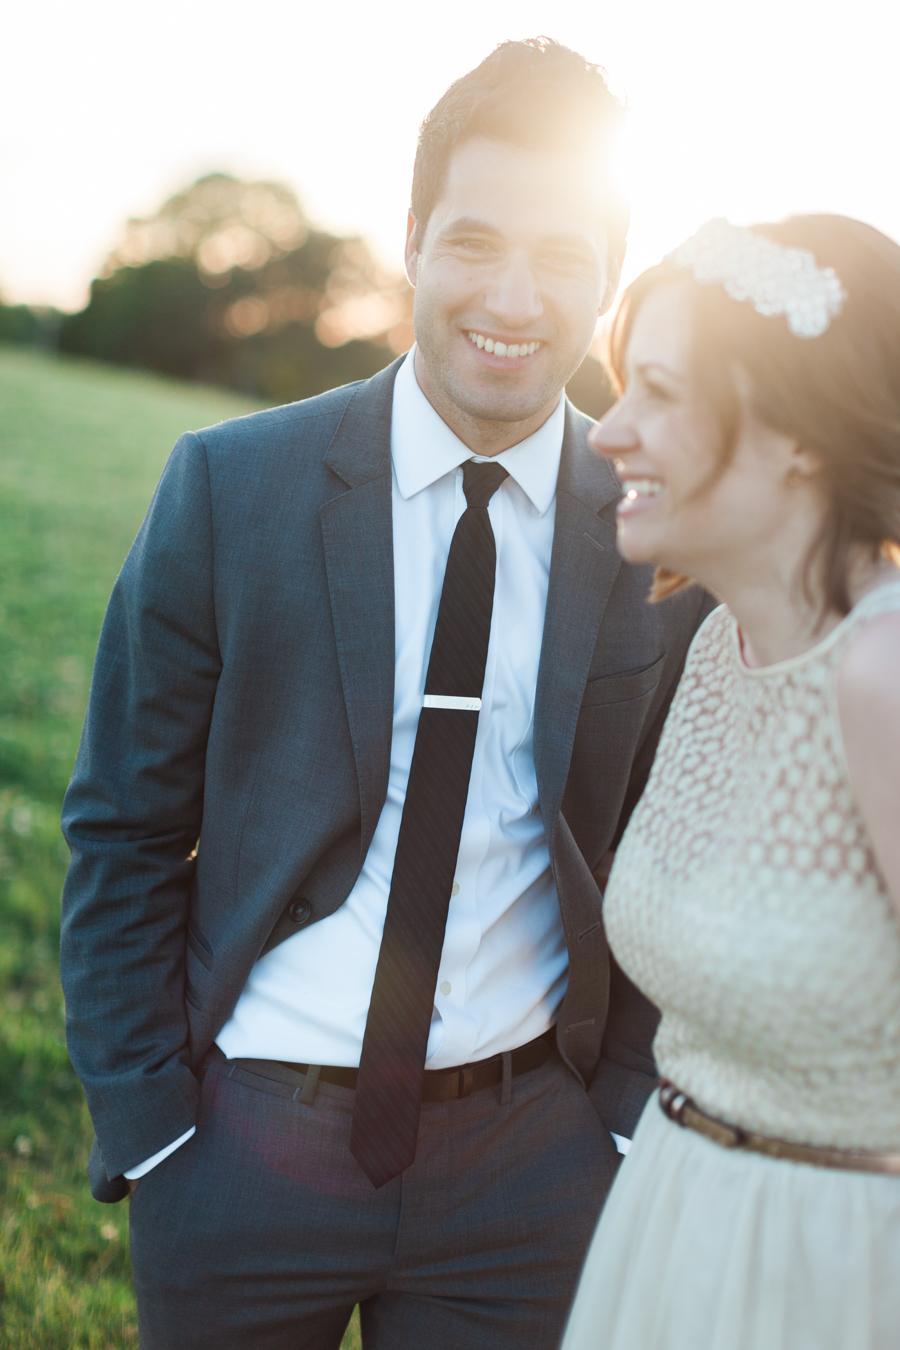 kateweinsteinphoto_megan_chris_wedding_shoot_13.jpg